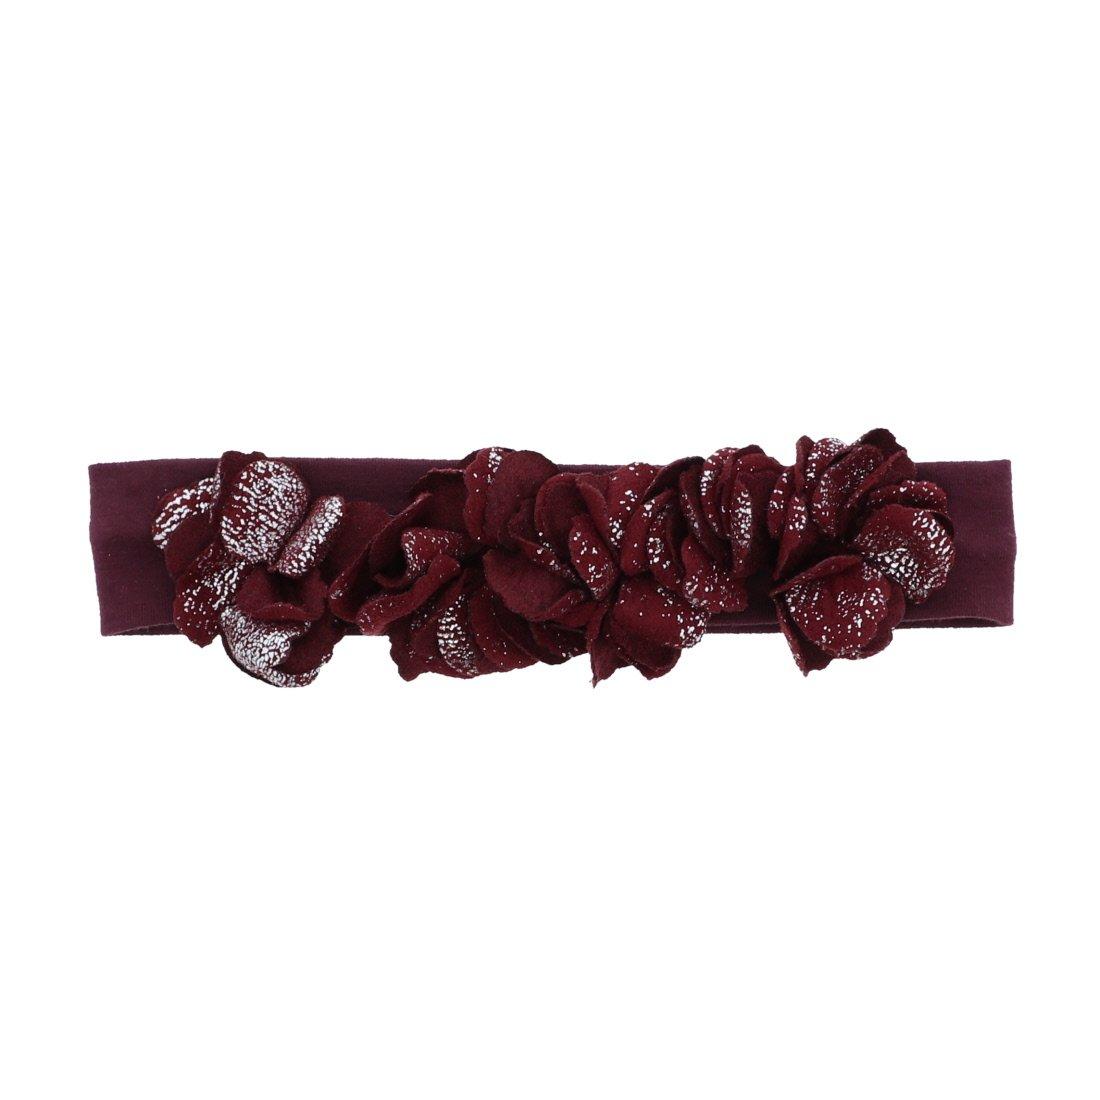 Mauve Metallic Flowers Baby Headband Hairband for Girls